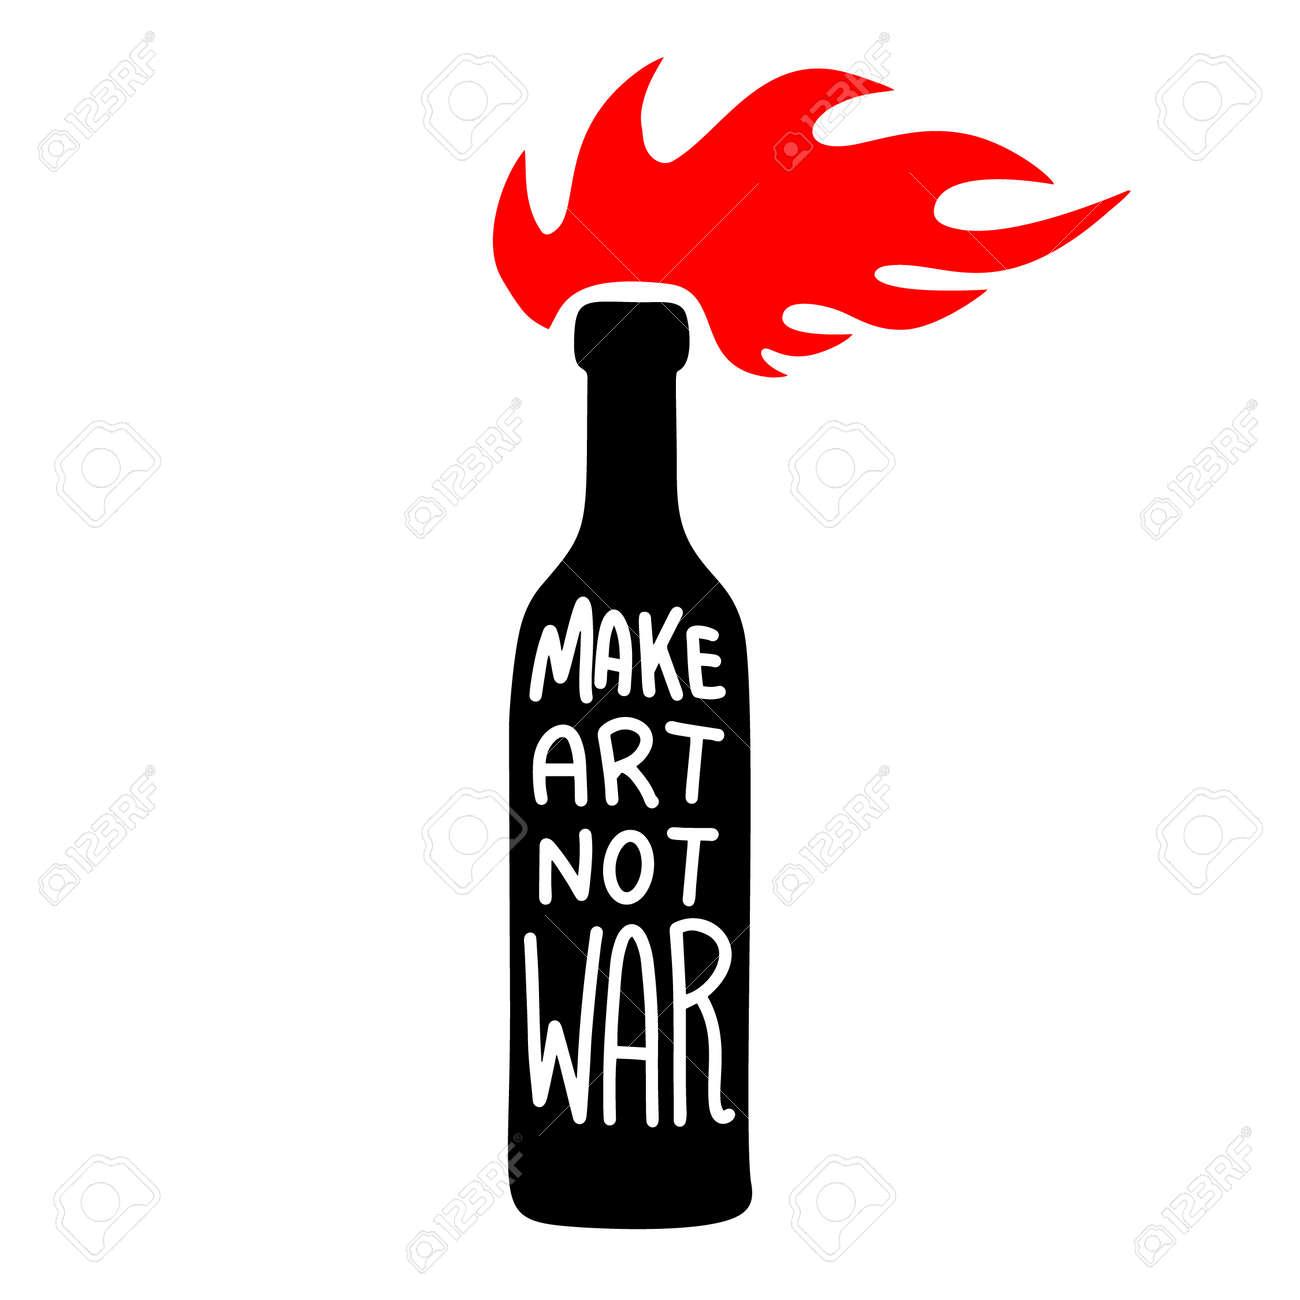 Illustration of bottle with molotov cocktail. Make art not war. Design element for logo, label, sign, emblem, poster. Vector illustration - 171625068